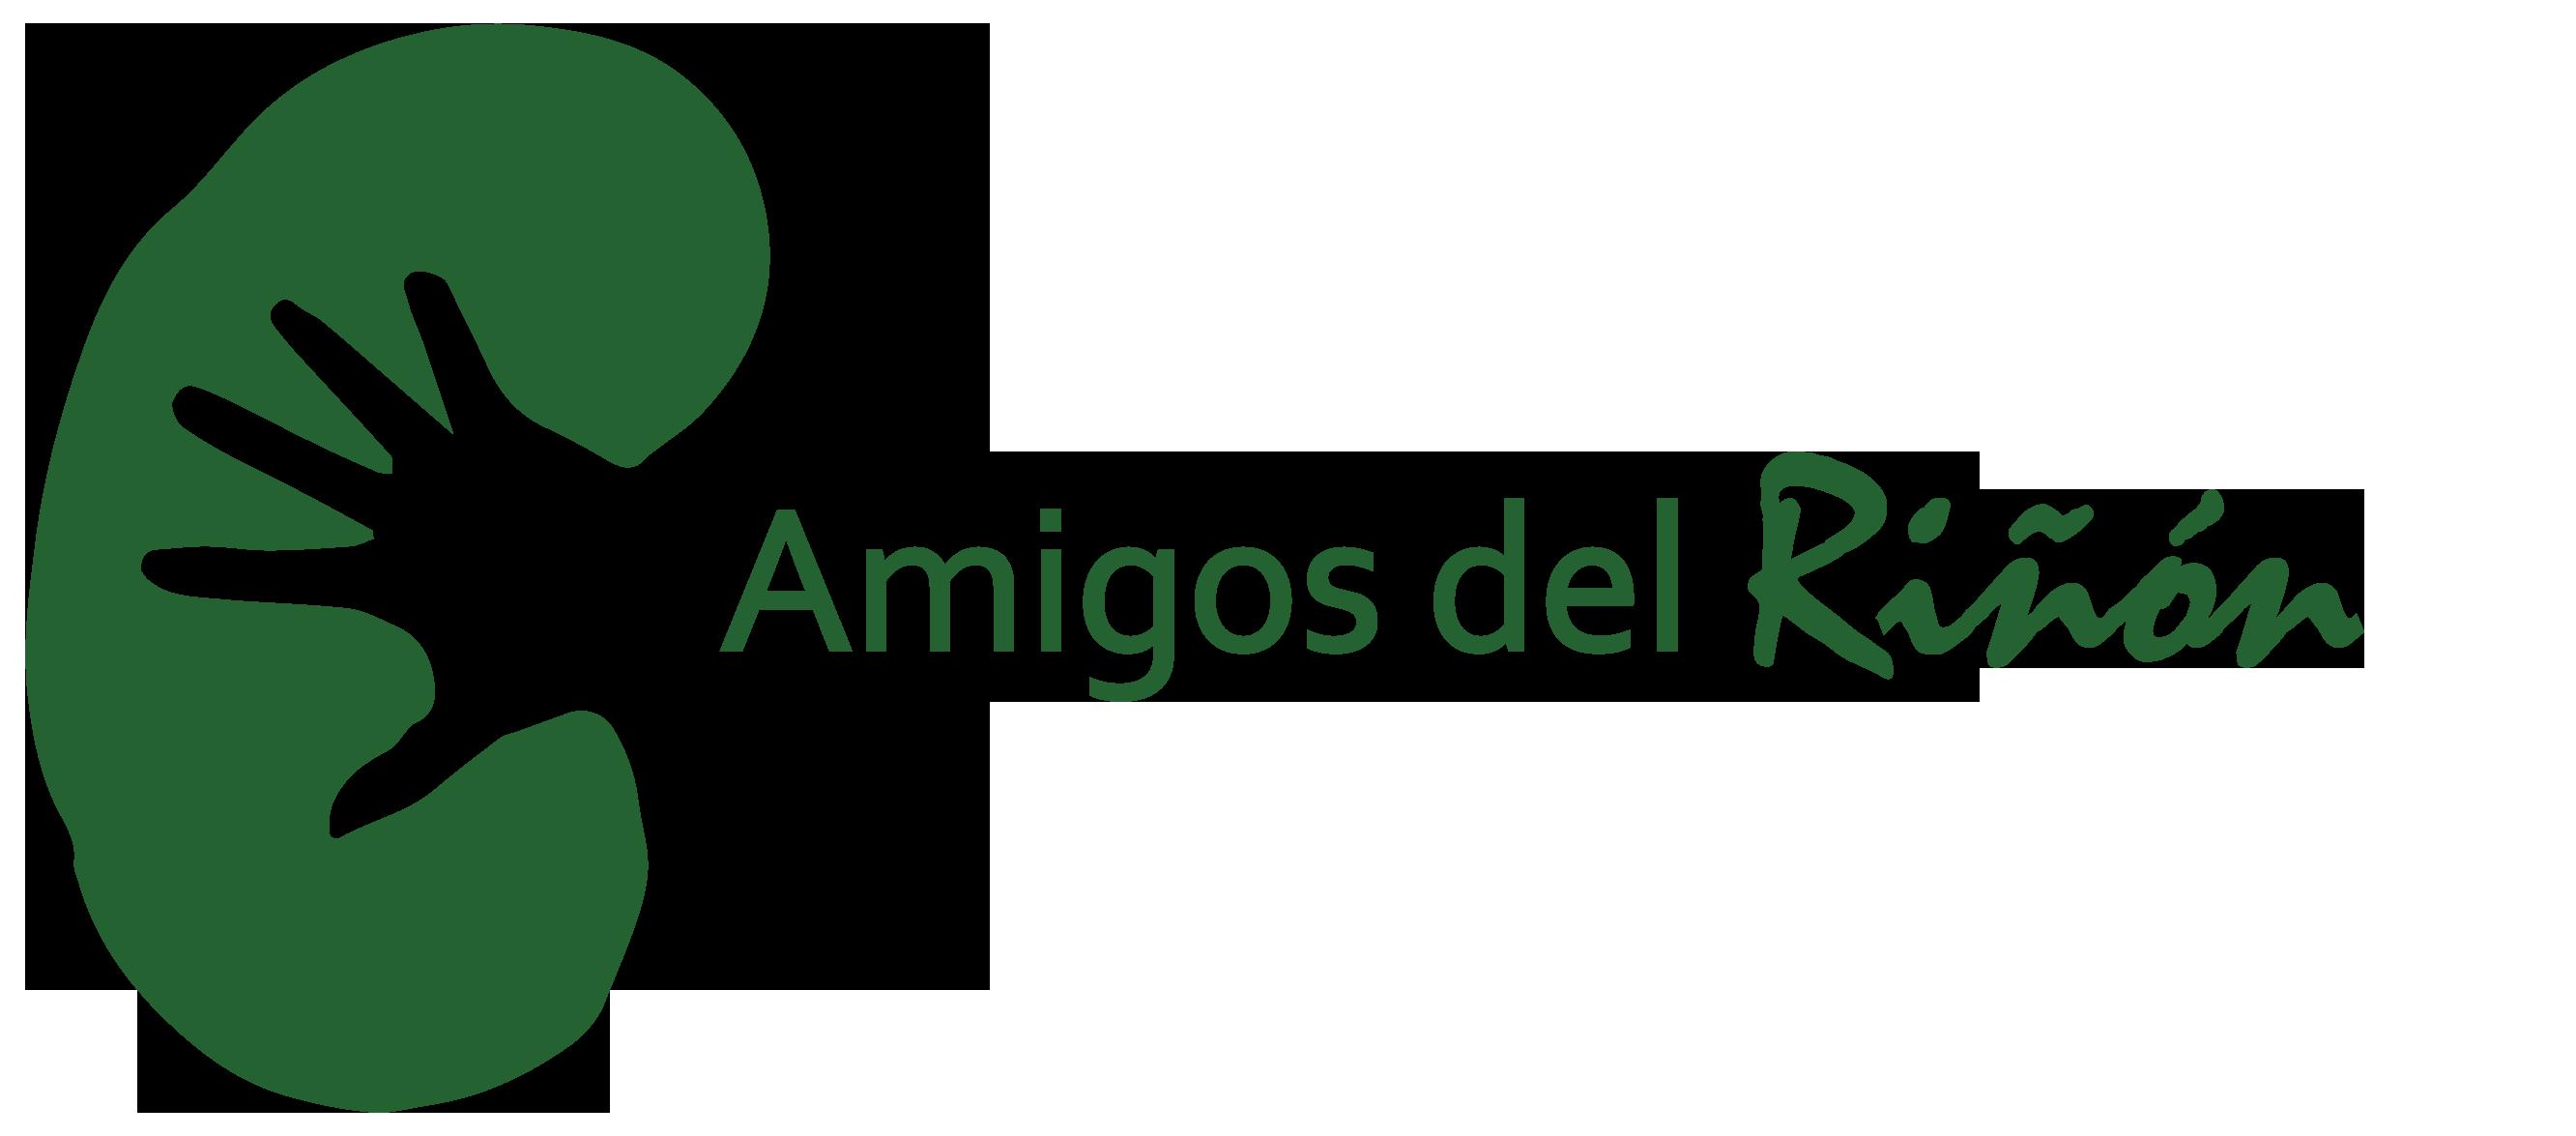 Asociación Amigos del Riñón y GEEPAD - Somos una asociación cuyo objetivo es promover la SALUD RENAL en línea de PREVENCIÓN. Trabajamos para EVITAR la transmisión de la PQRAD.